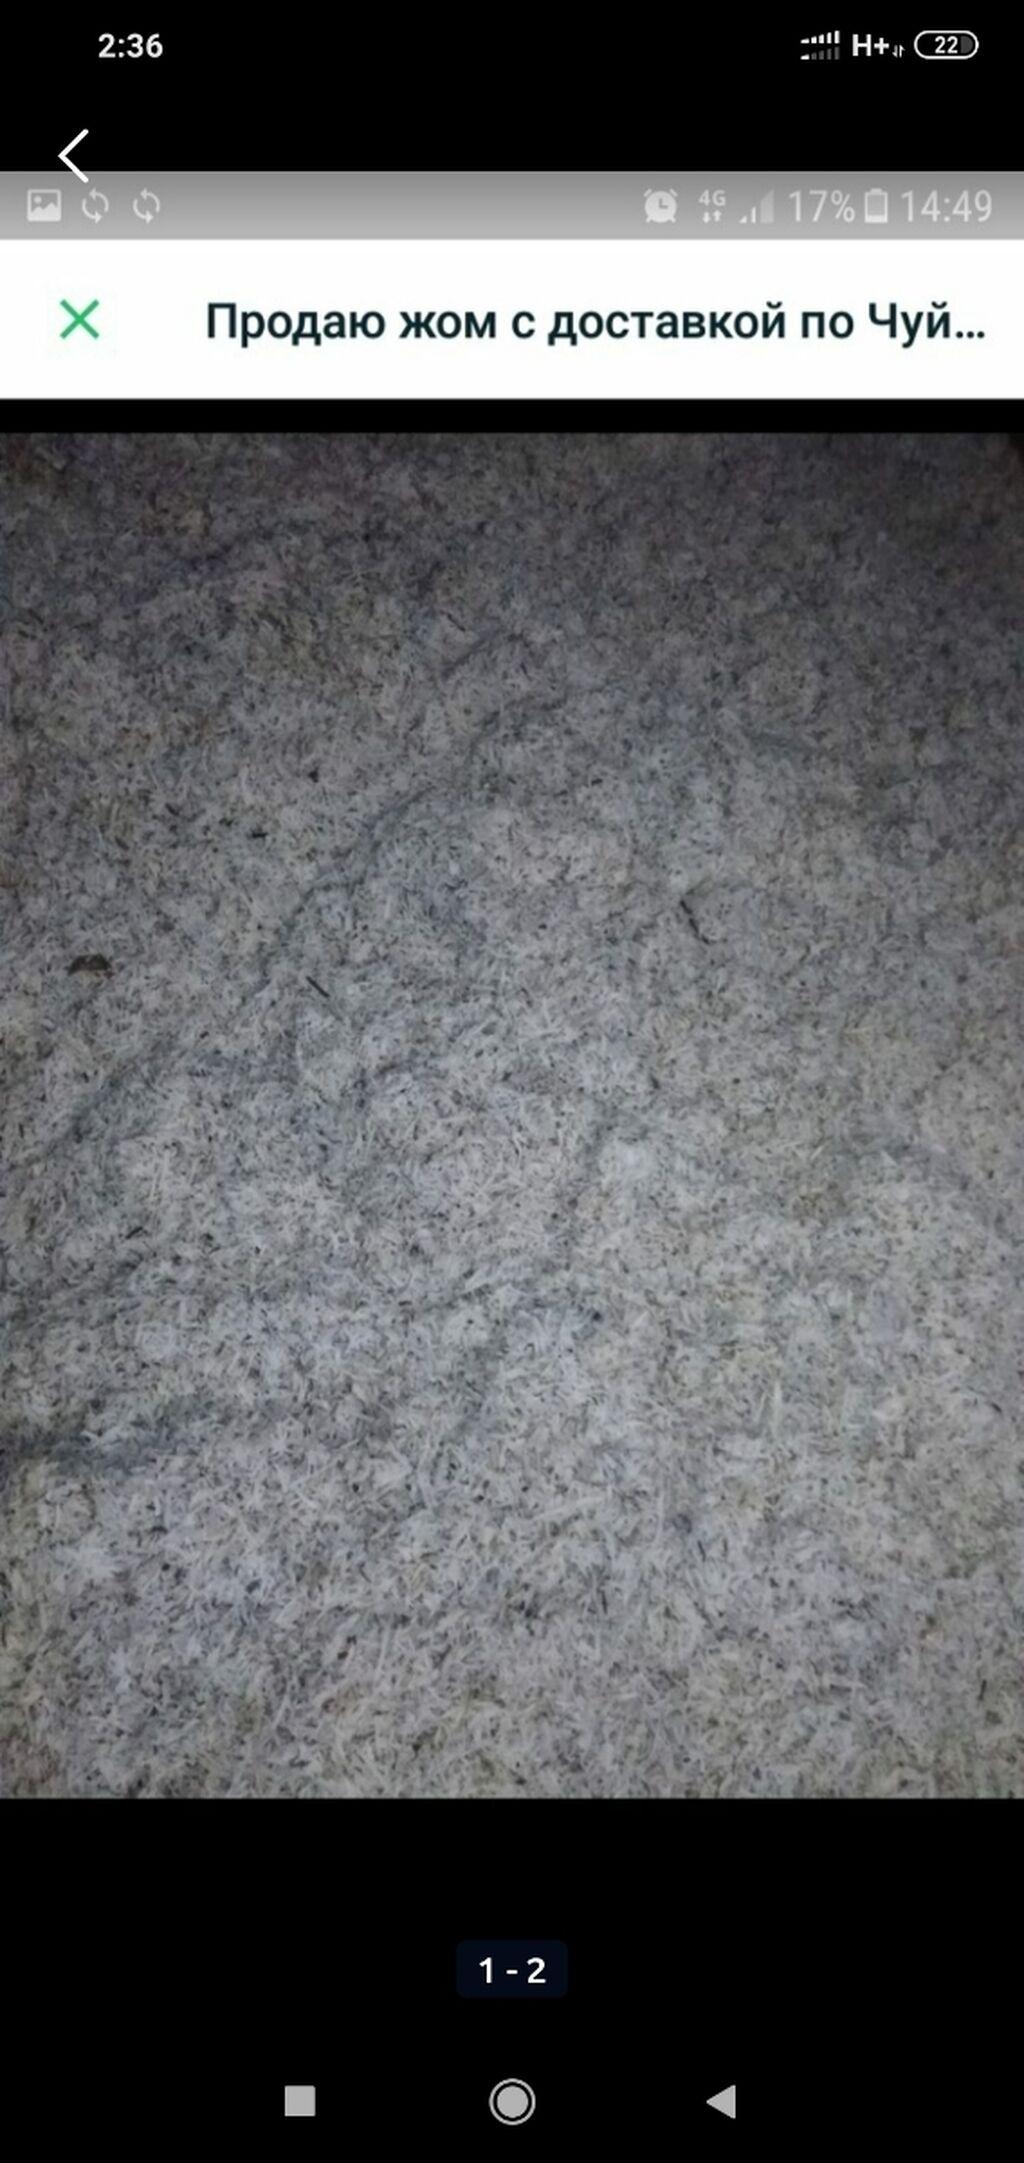 Жом свежий   корм для крс . Доставка зил 9.-9.5 тонн | Объявление создано 17 Ноябрь 2020 20:49:34 | КОРМА ДЛЯ С/Х ЖИВОТНЫХ: Жом свежий   корм для крс . Доставка зил 9.-9.5 тонн